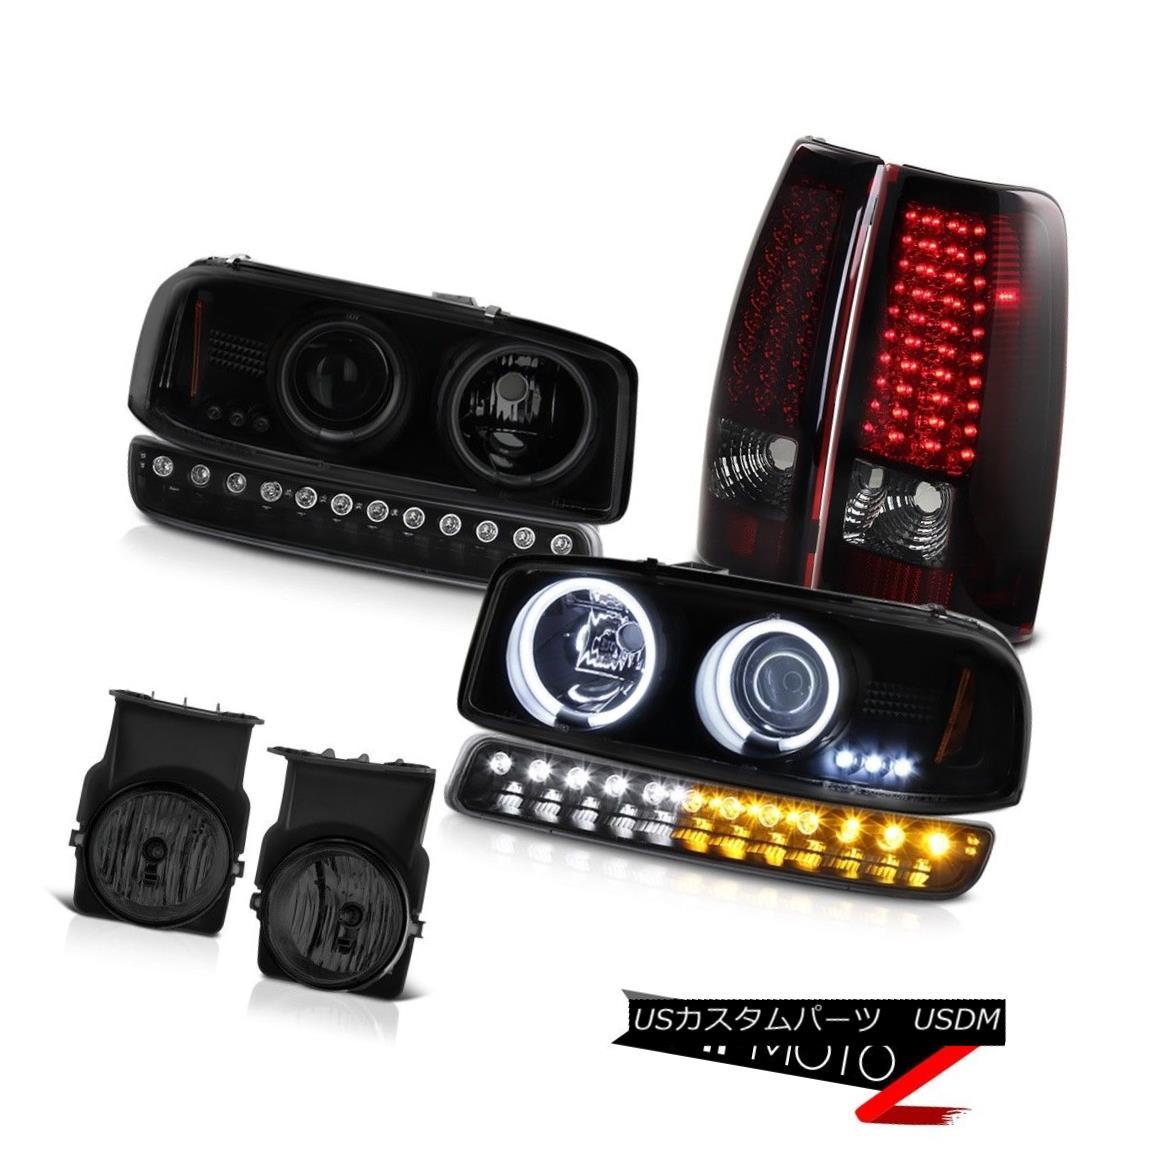 テールライト 03-06 Sierra 6.6L Fog lamps led taillamps black signal light sinister Headlamps 03-06シエラ6.6Lフォグランプはテールライトを導いた黒の信号光不吉なヘッドランプ